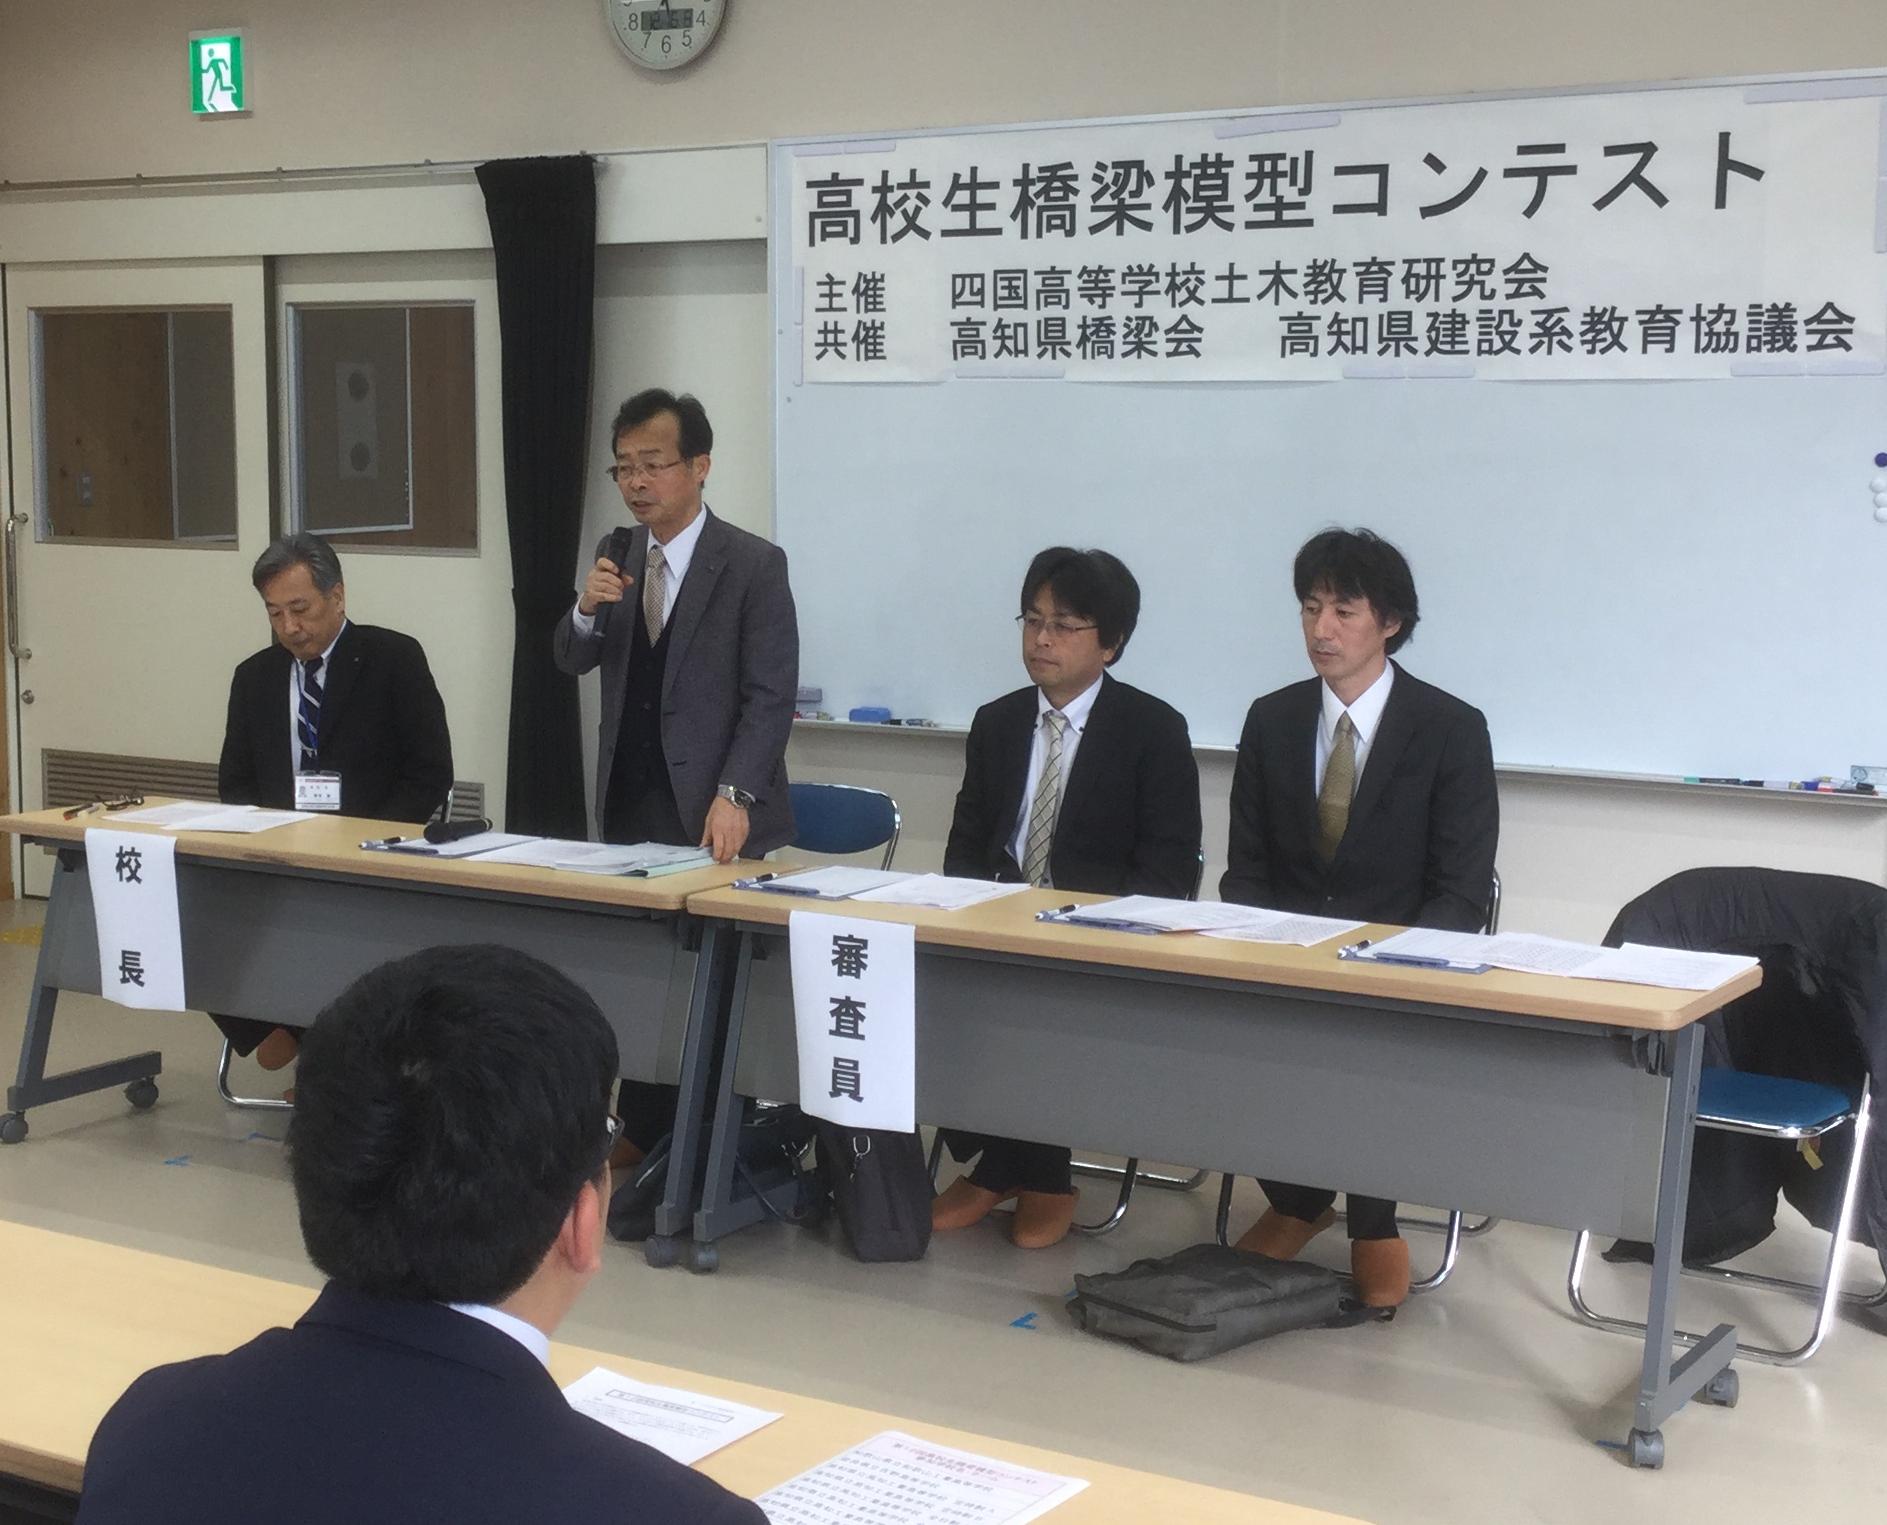 審査委員長挨拶 – 株式会社 第一コンサルタンツ